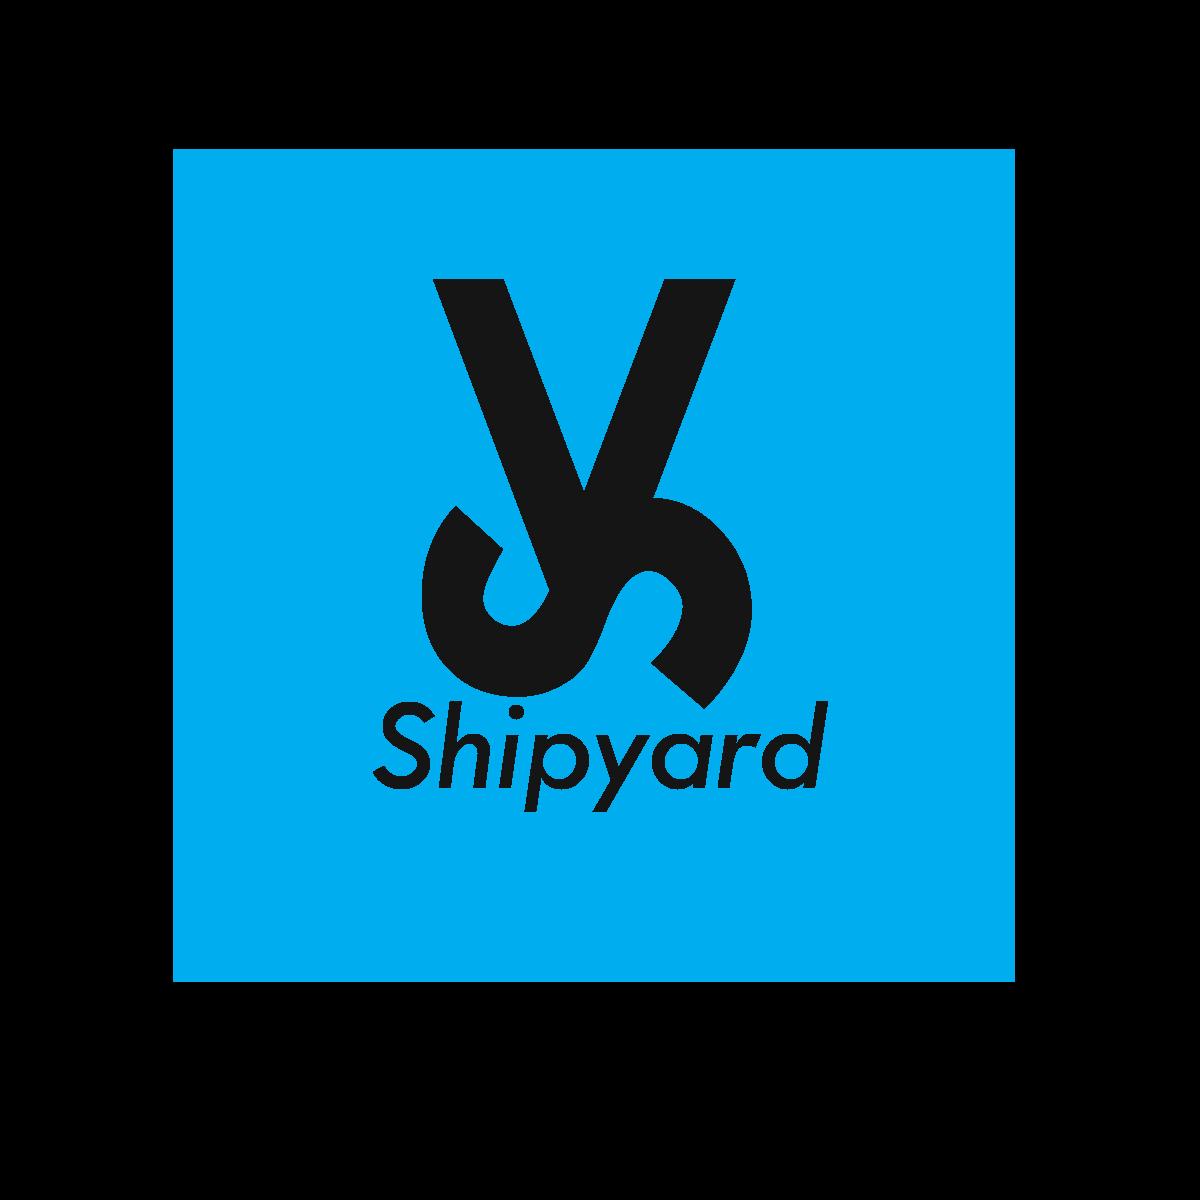 VS Shipyard Logo